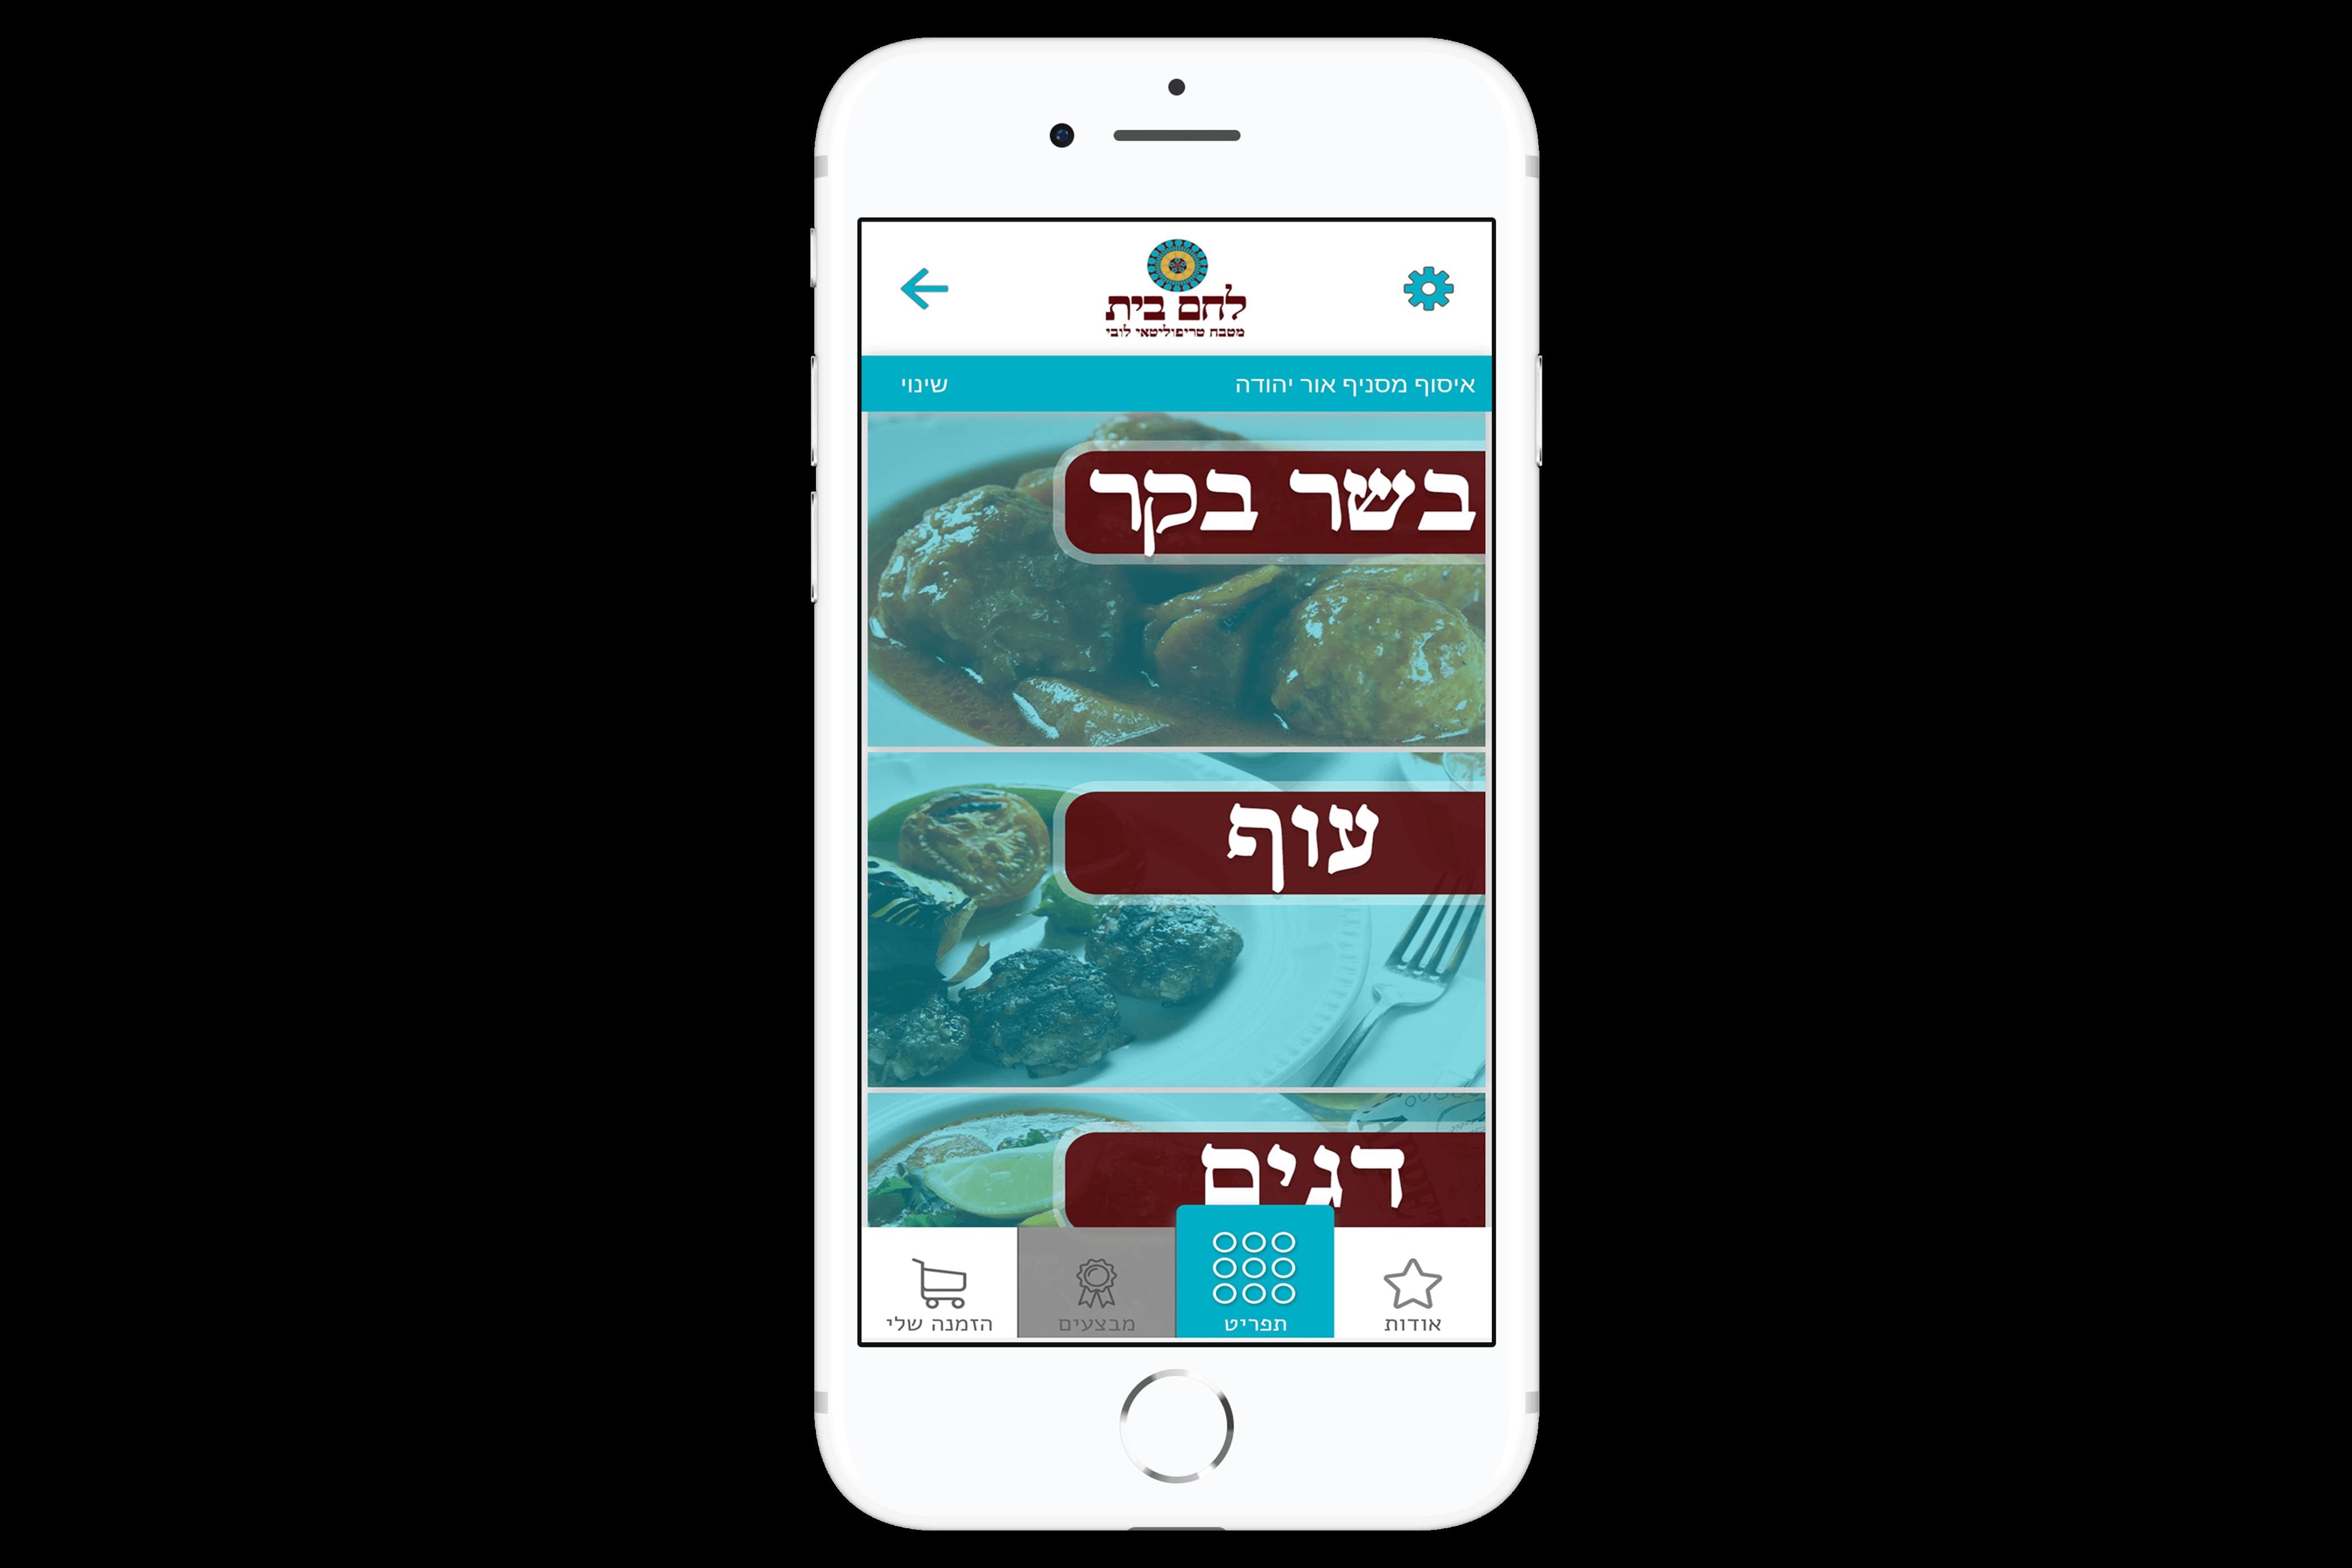 אפליקציית הזמנות של לחם בית מבין הלקוחות שלנו